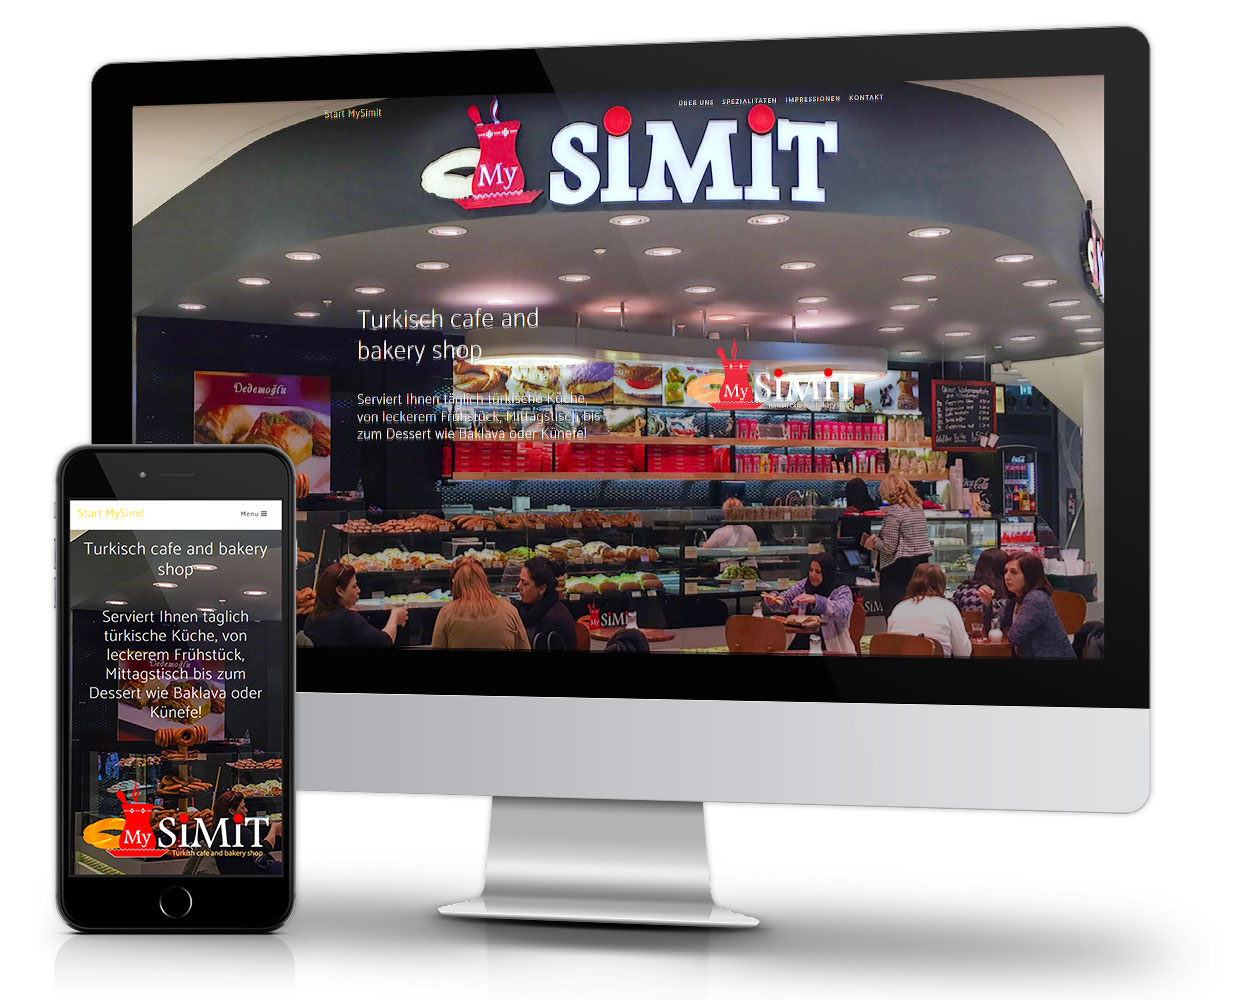 ressponsiv-webdesign-restaurant-homepage-erstellen-ref-mysimit